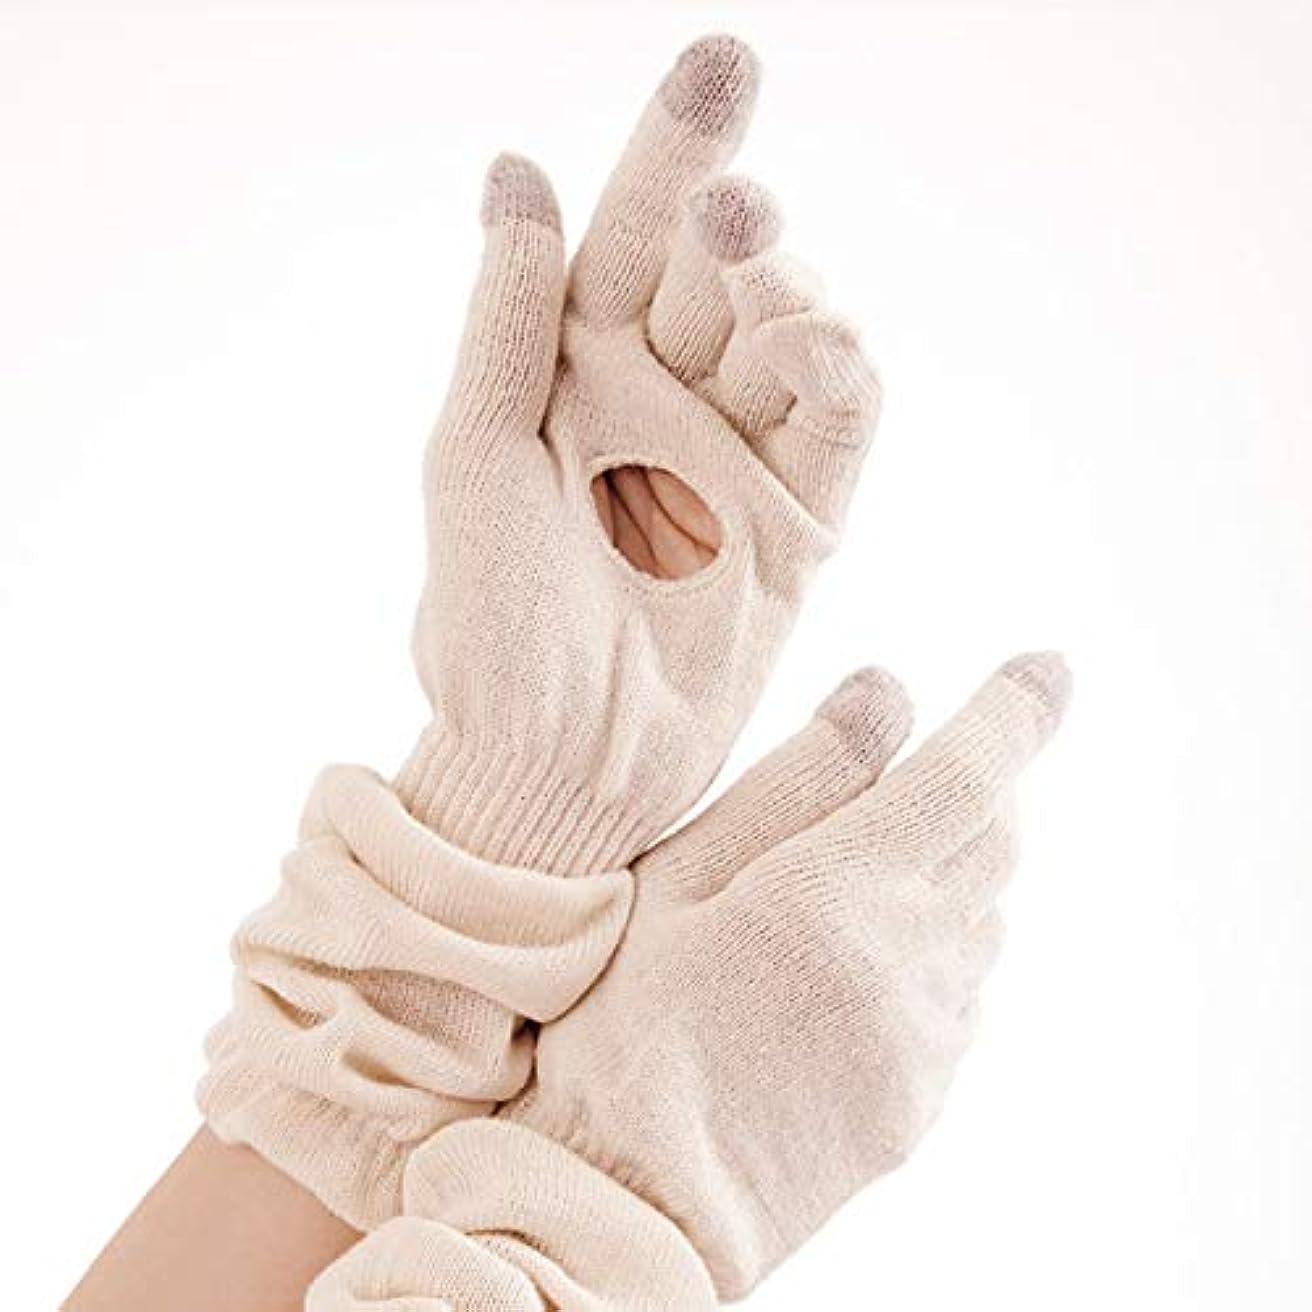 ホイットニー見かけ上毎年アルファックス 手袋 シルク混 ふんわりオープンホール 手袋 キナリ 1双入 AP-431336 | 手のひらホール 蒸れない 快眠 手荒れ 乾燥対策 やさしい シルク 腕周りゆったりゴム しめつけない ラクラク 優しい...